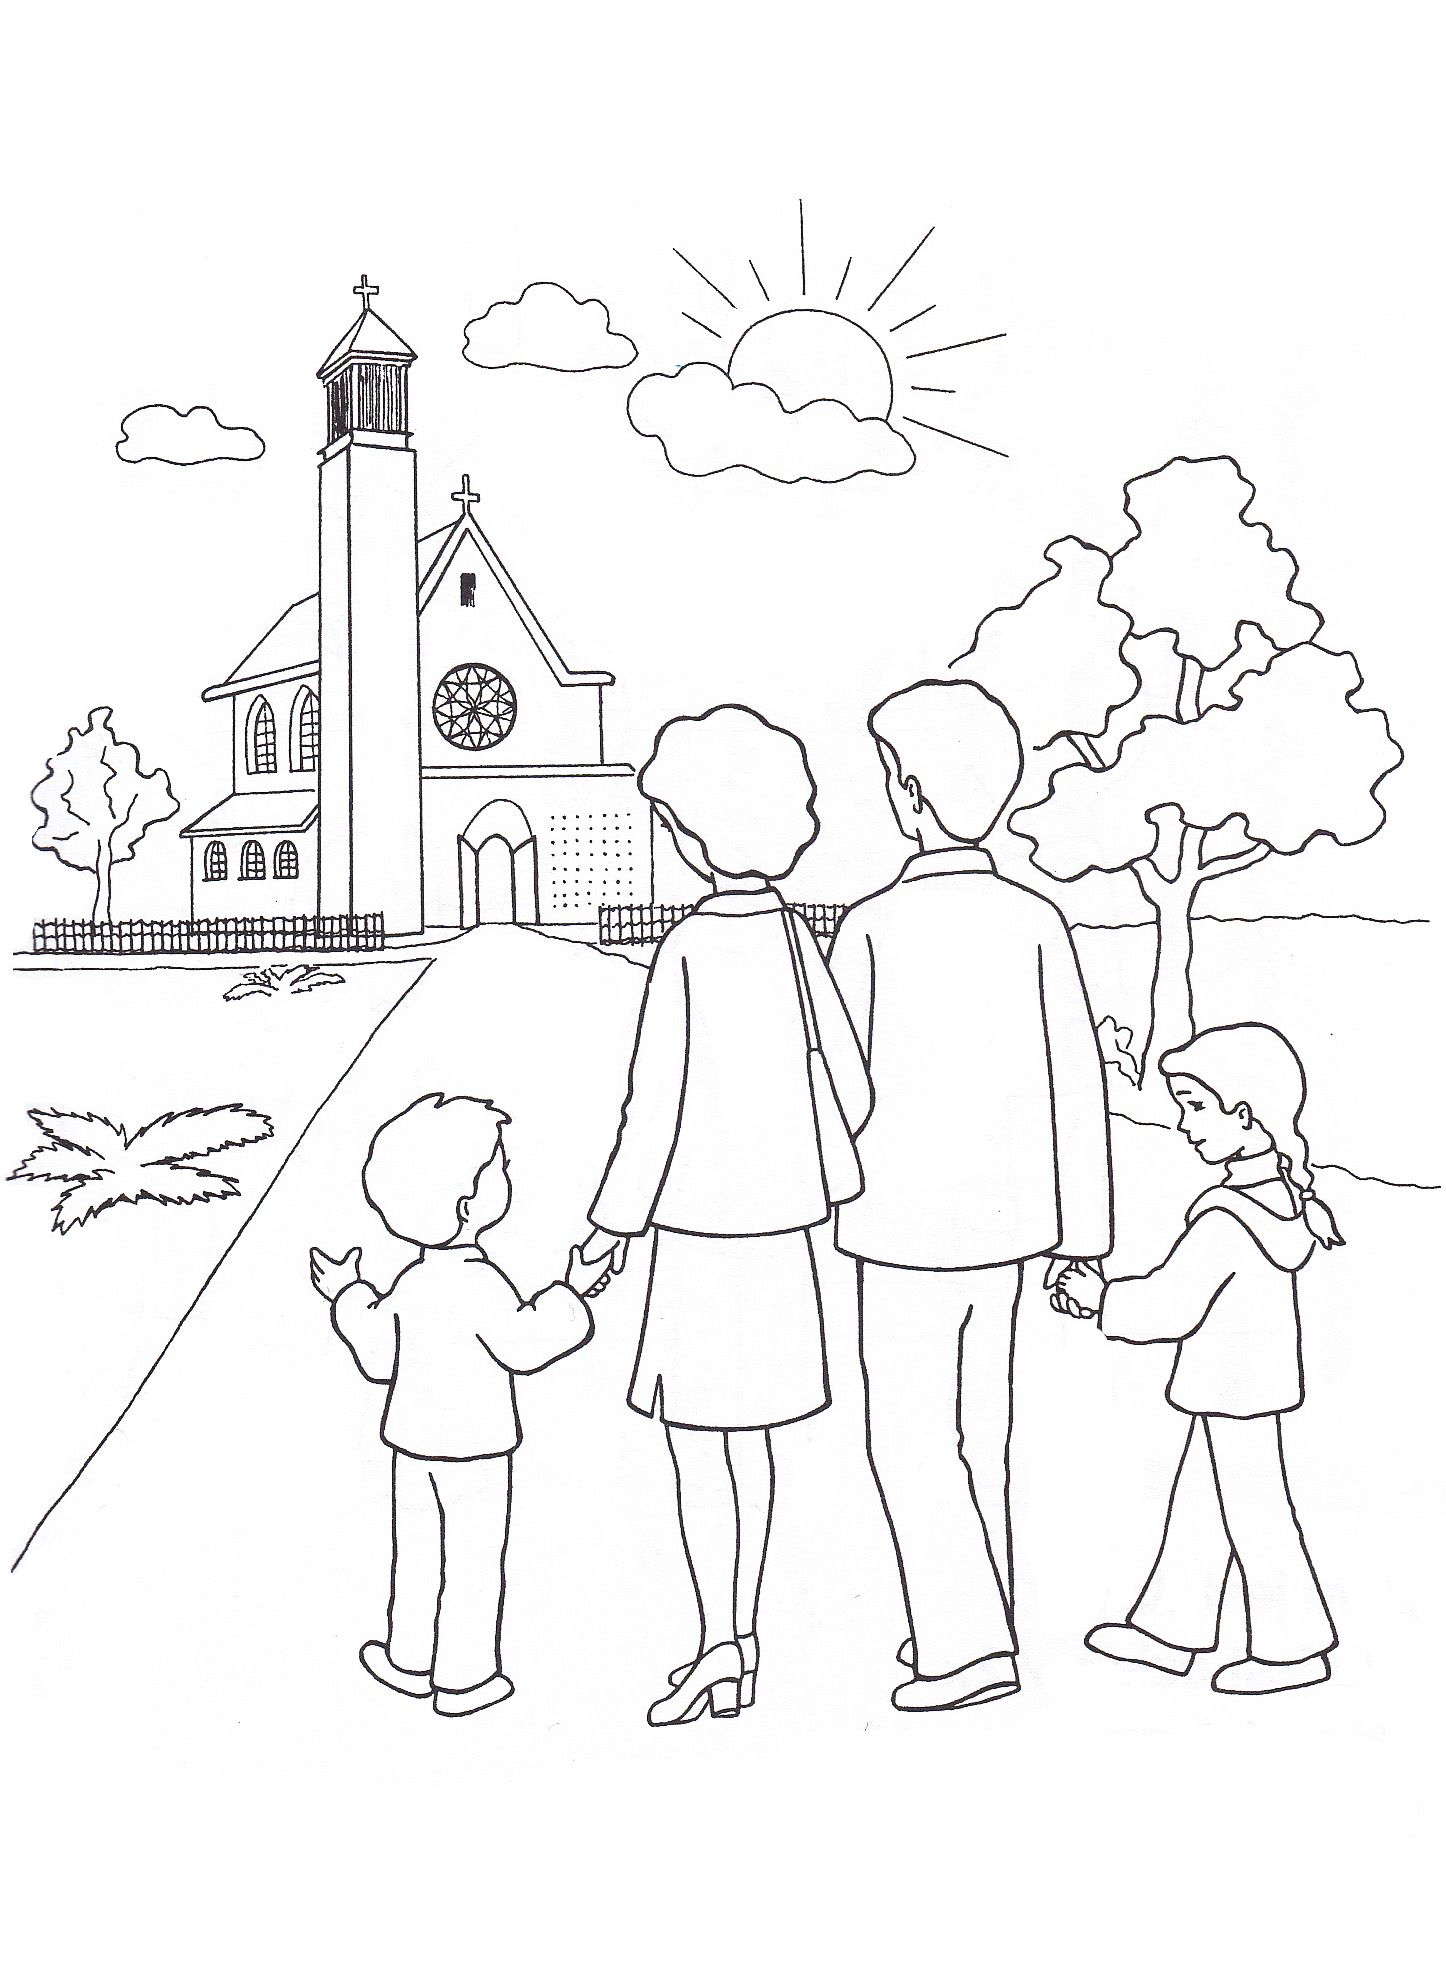 Pin von Andrea Neher auf Kirche | Pinterest | Ausmalbilder, Schule ...